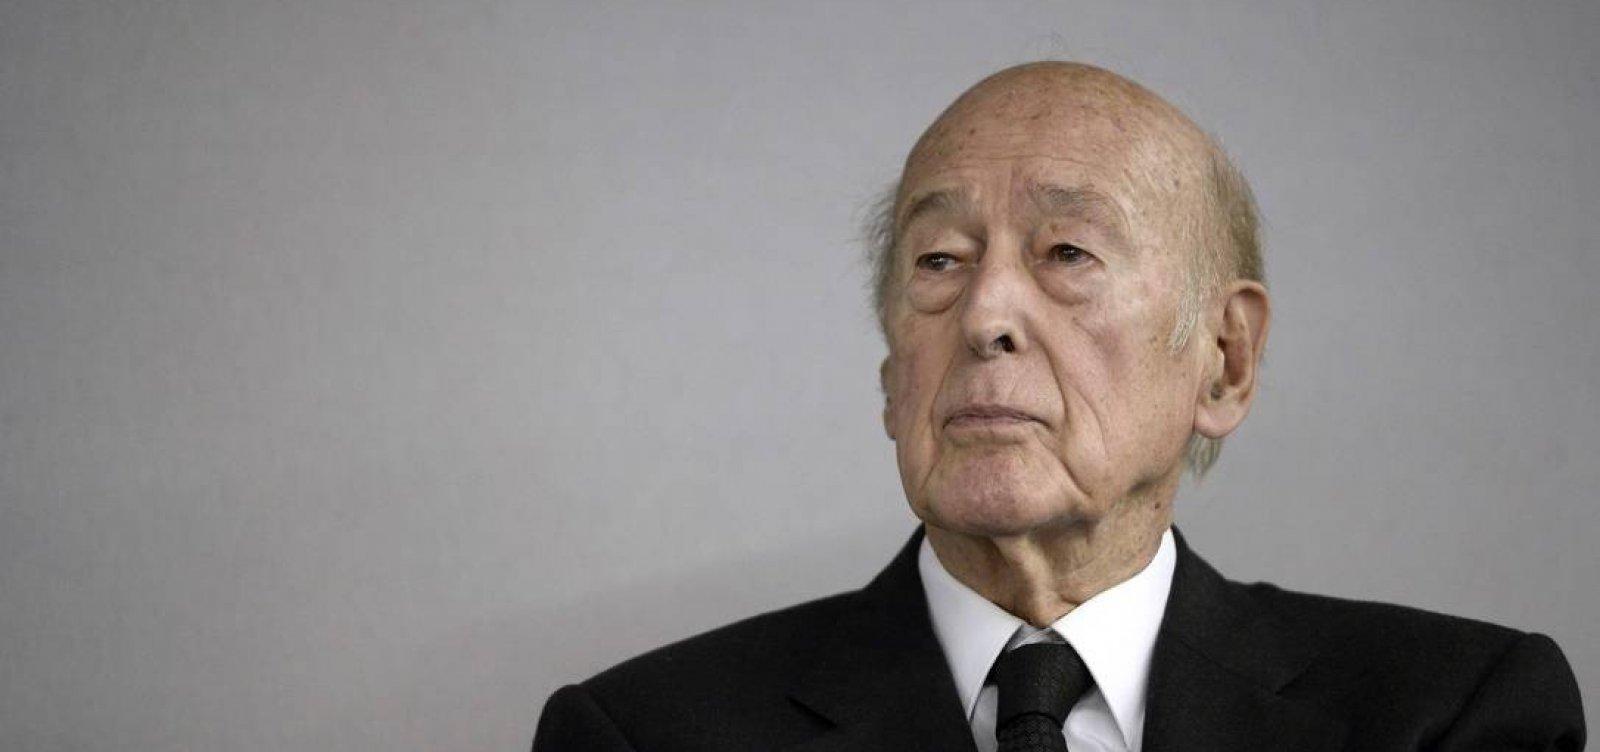 [Aos 94 anos, ex-presidente da França Valéry Giscard d'Estaing morre de Covid-19]